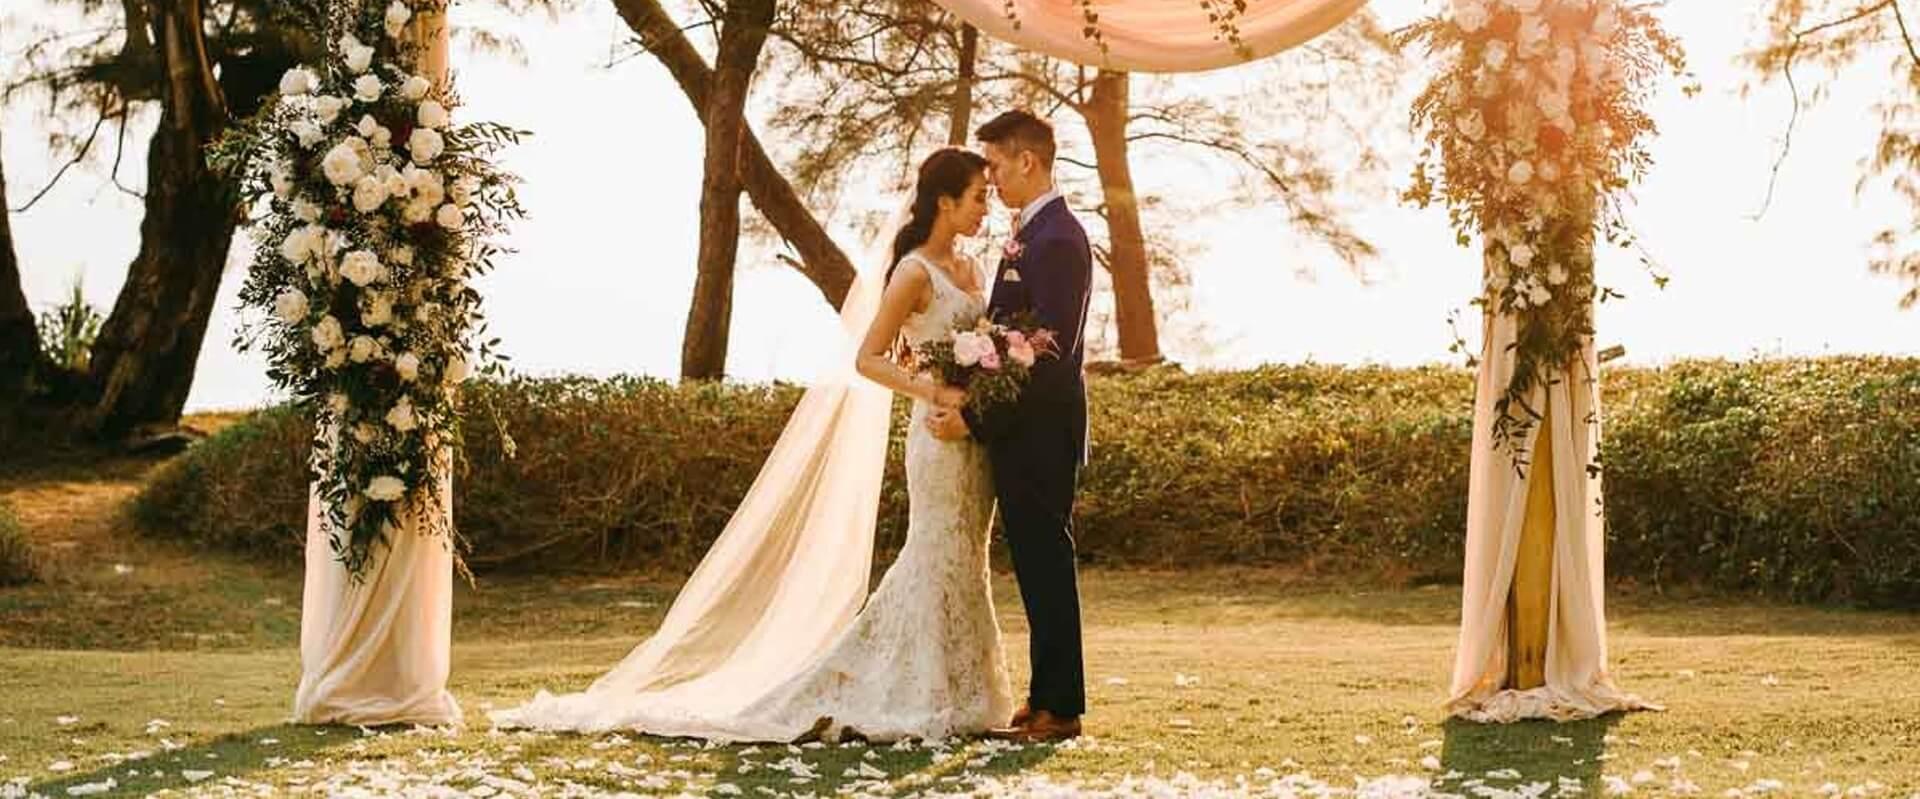 Địa chỉ in thiệp cưới lấy ngay tại Hà Nội